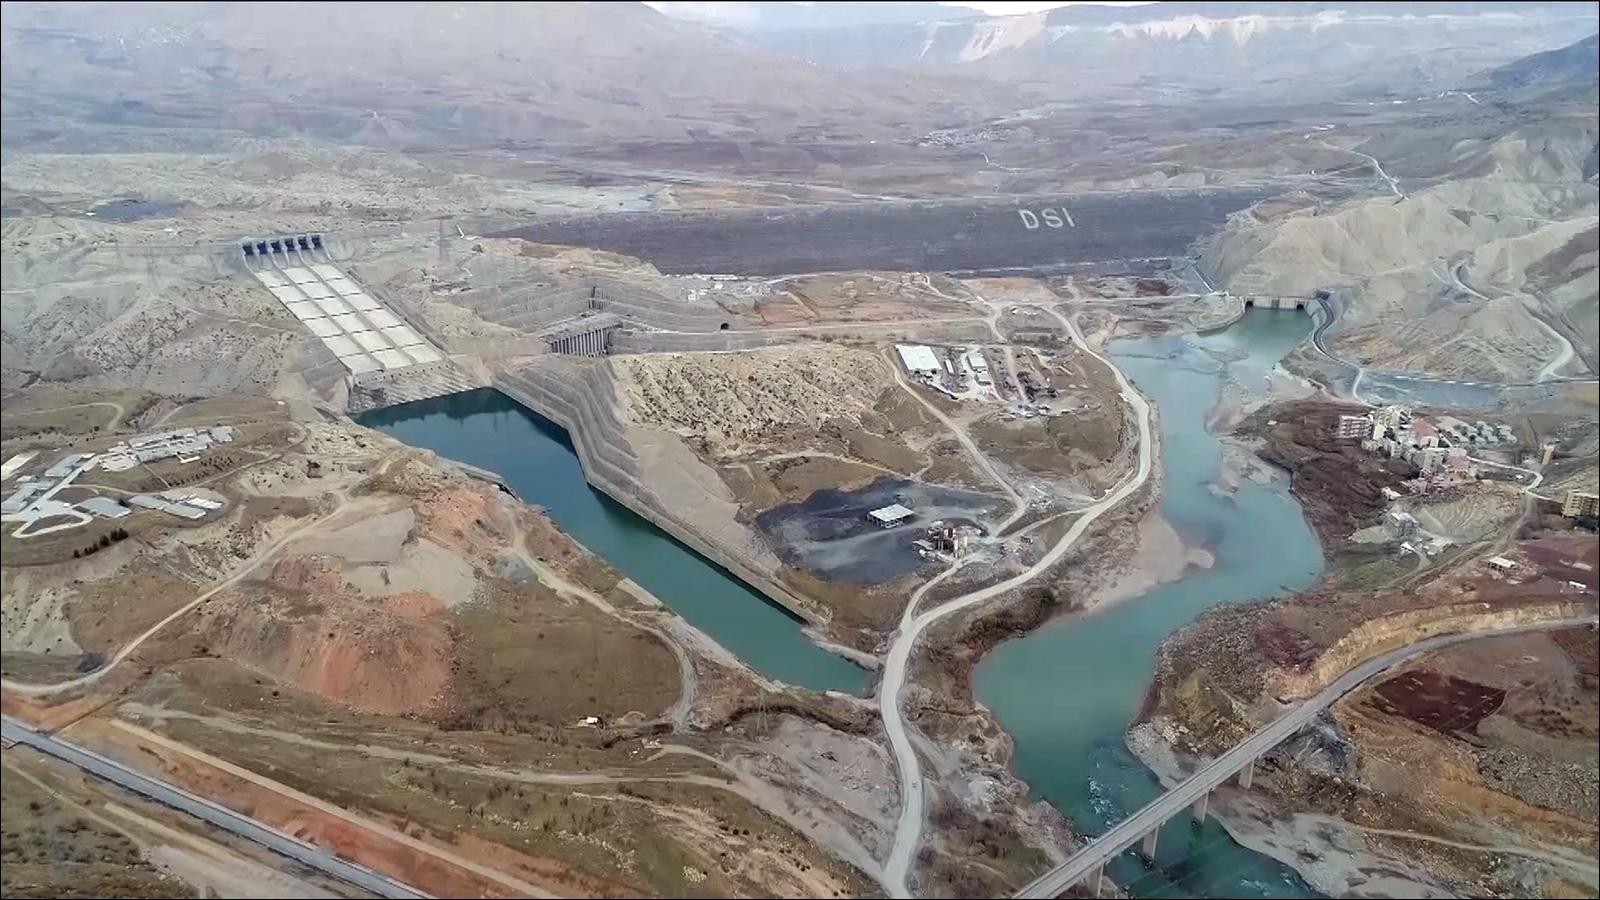 العراق بلا أنهار عام 2040 هذه قصة أزمة المياه